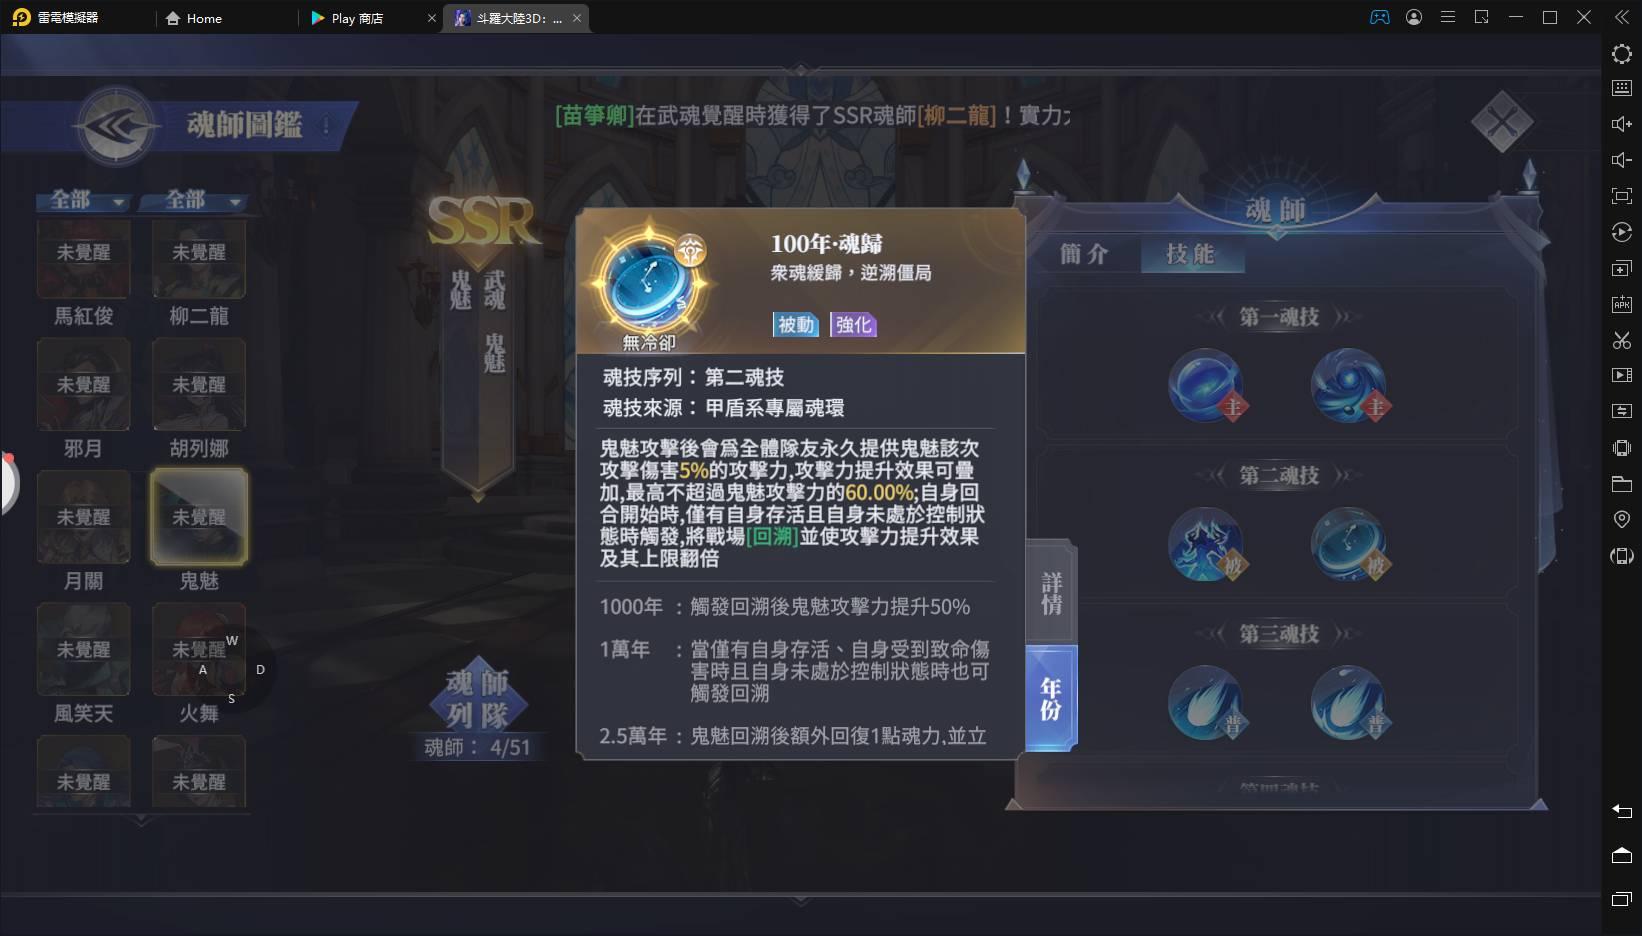 【攻略】《斗羅大陸3D:魂師對決》魂師完整解析「鬼魅」角色